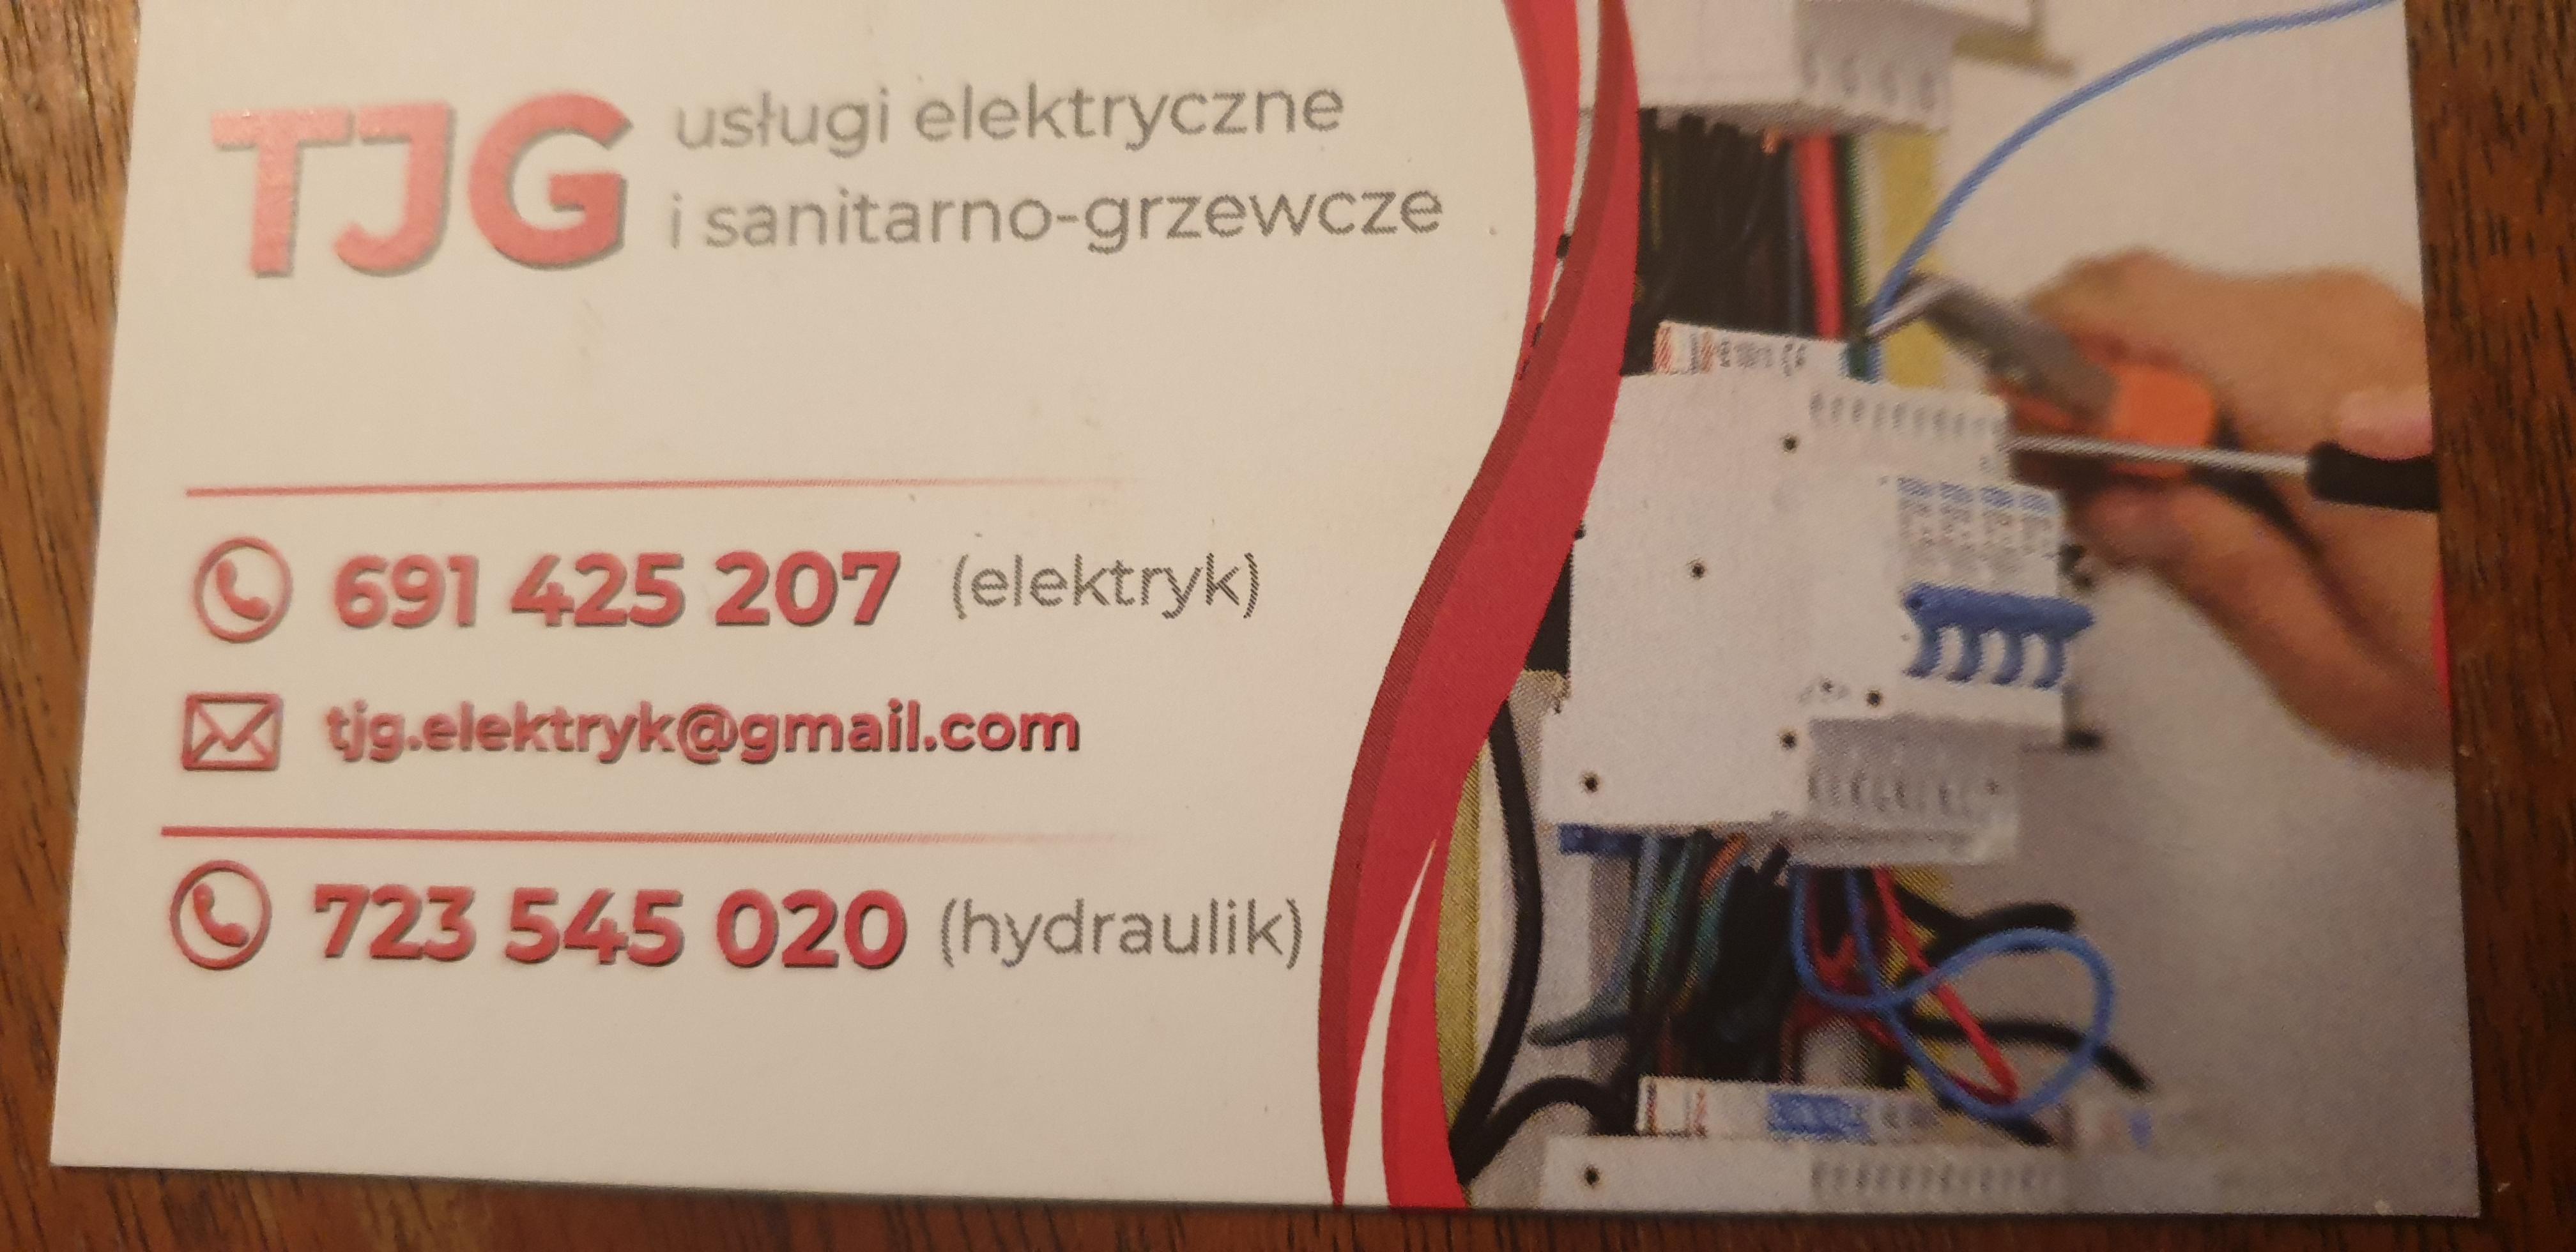 10 Najlepszych Elektrykow We Wroclawiu 2020